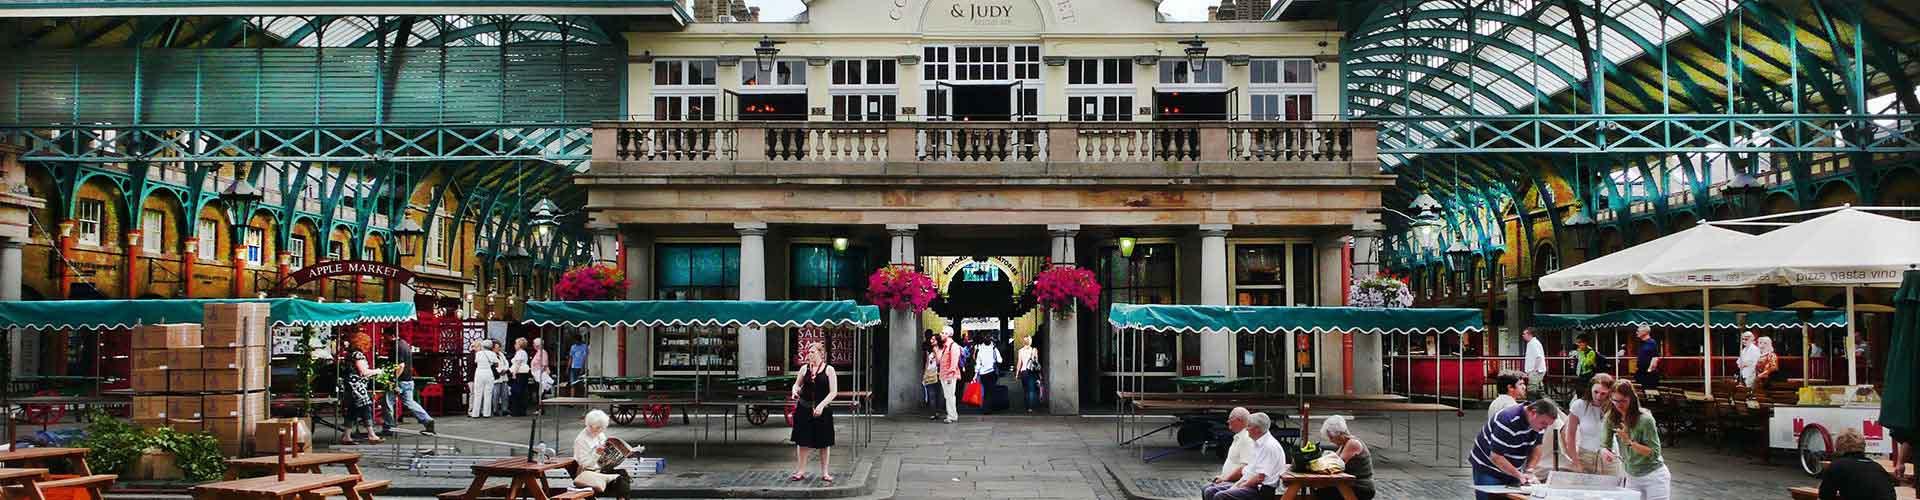 Londres - Hoteles baratos cerca a Covent Garden Piazza. Mapas de Londres, Fotos y comentarios de cada Hotel en Londres.